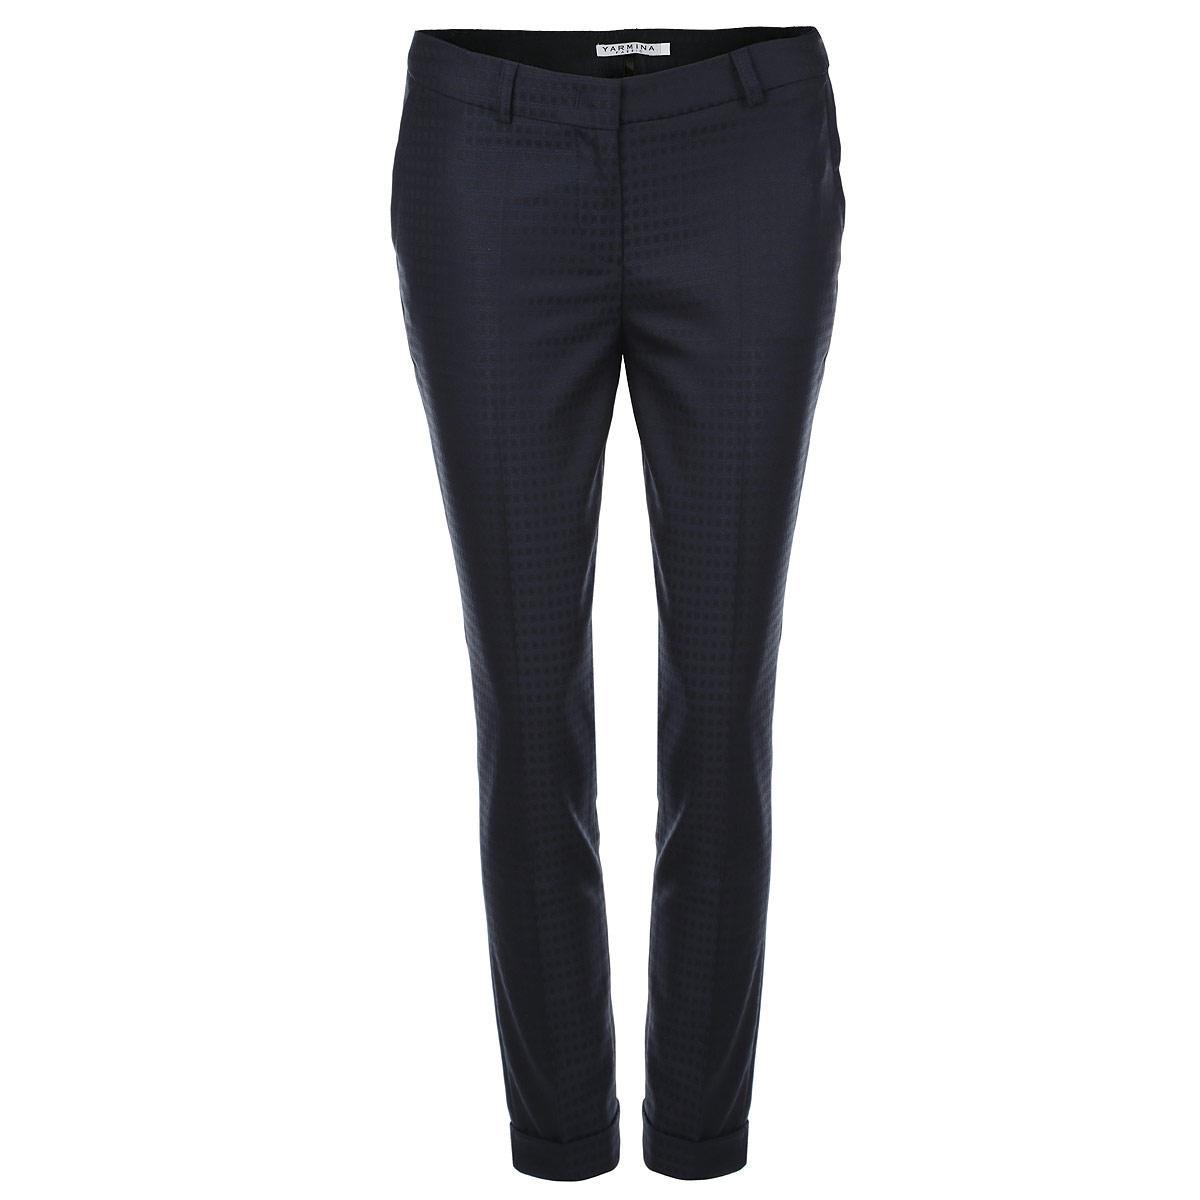 Брюки женские. 34027863402786Стильные женские брюки Yarmina со стрелками созданы специально для того, чтобы подчеркивать достоинства вашей фигуры. Модель прямого кроя, низкой посадки и укороченной длины станет отличным дополнением к вашему современному образу. Застегиваются брюки на пуговицу и крючок в поясе и ширинку на застежке-молнии, имеются шлевки для ремня. Спереди модель оформлена имитацией втачных карманов с косыми срезами, а сзади - имитацией прорезных кармашков. Эти модные и в тоже время комфортные брюки послужат отличным дополнением к вашему гардеробу. В них вы всегда будете чувствовать себя уютно и комфортно.